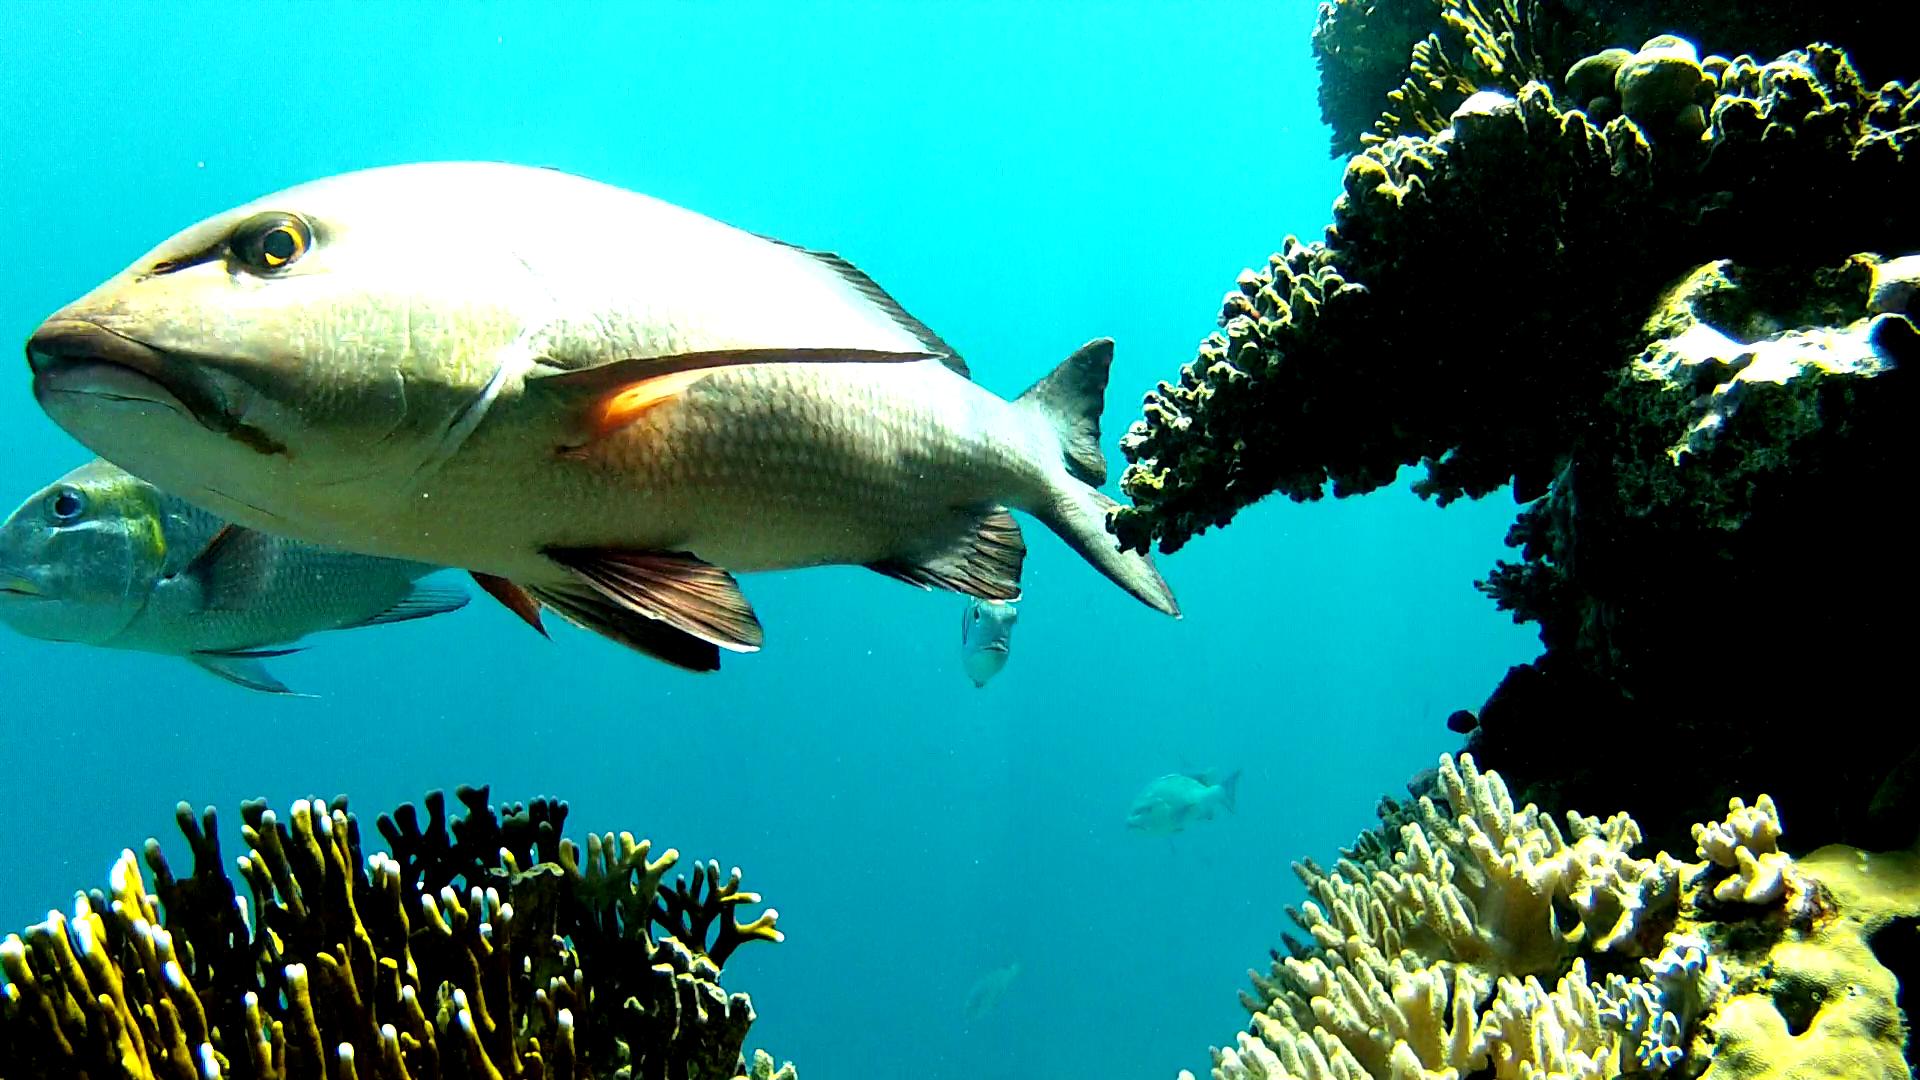 Et kamera har stået på koralrevet i Rødehavet i et par timer og optaget fiskenes aktivitet